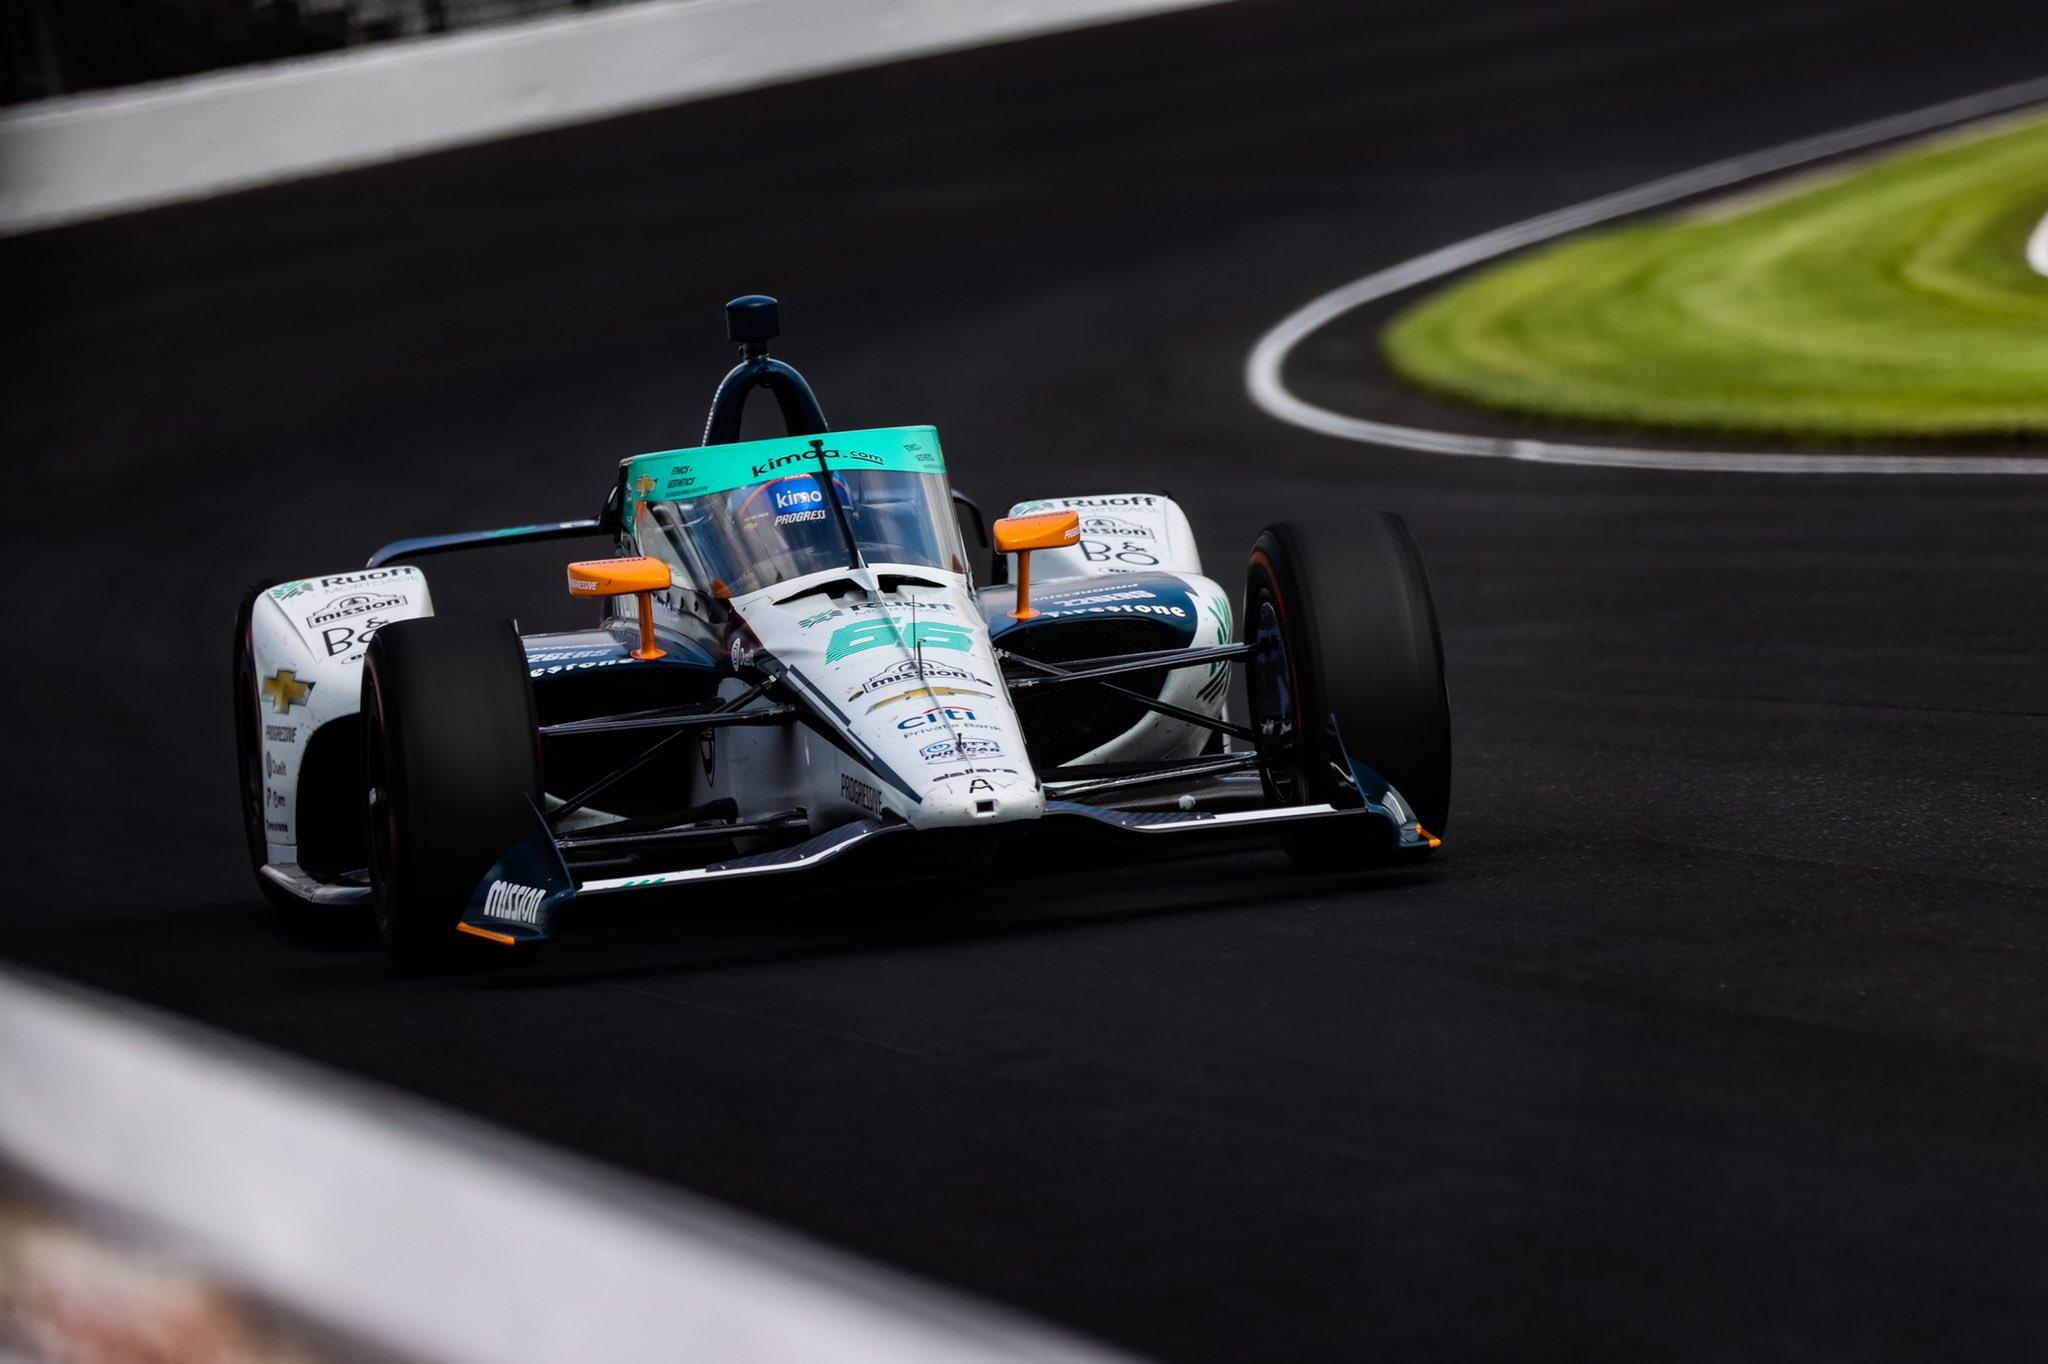 Alonsónak nem jött össze a Tripla Korona, Sato duplázott az Indy 500-on